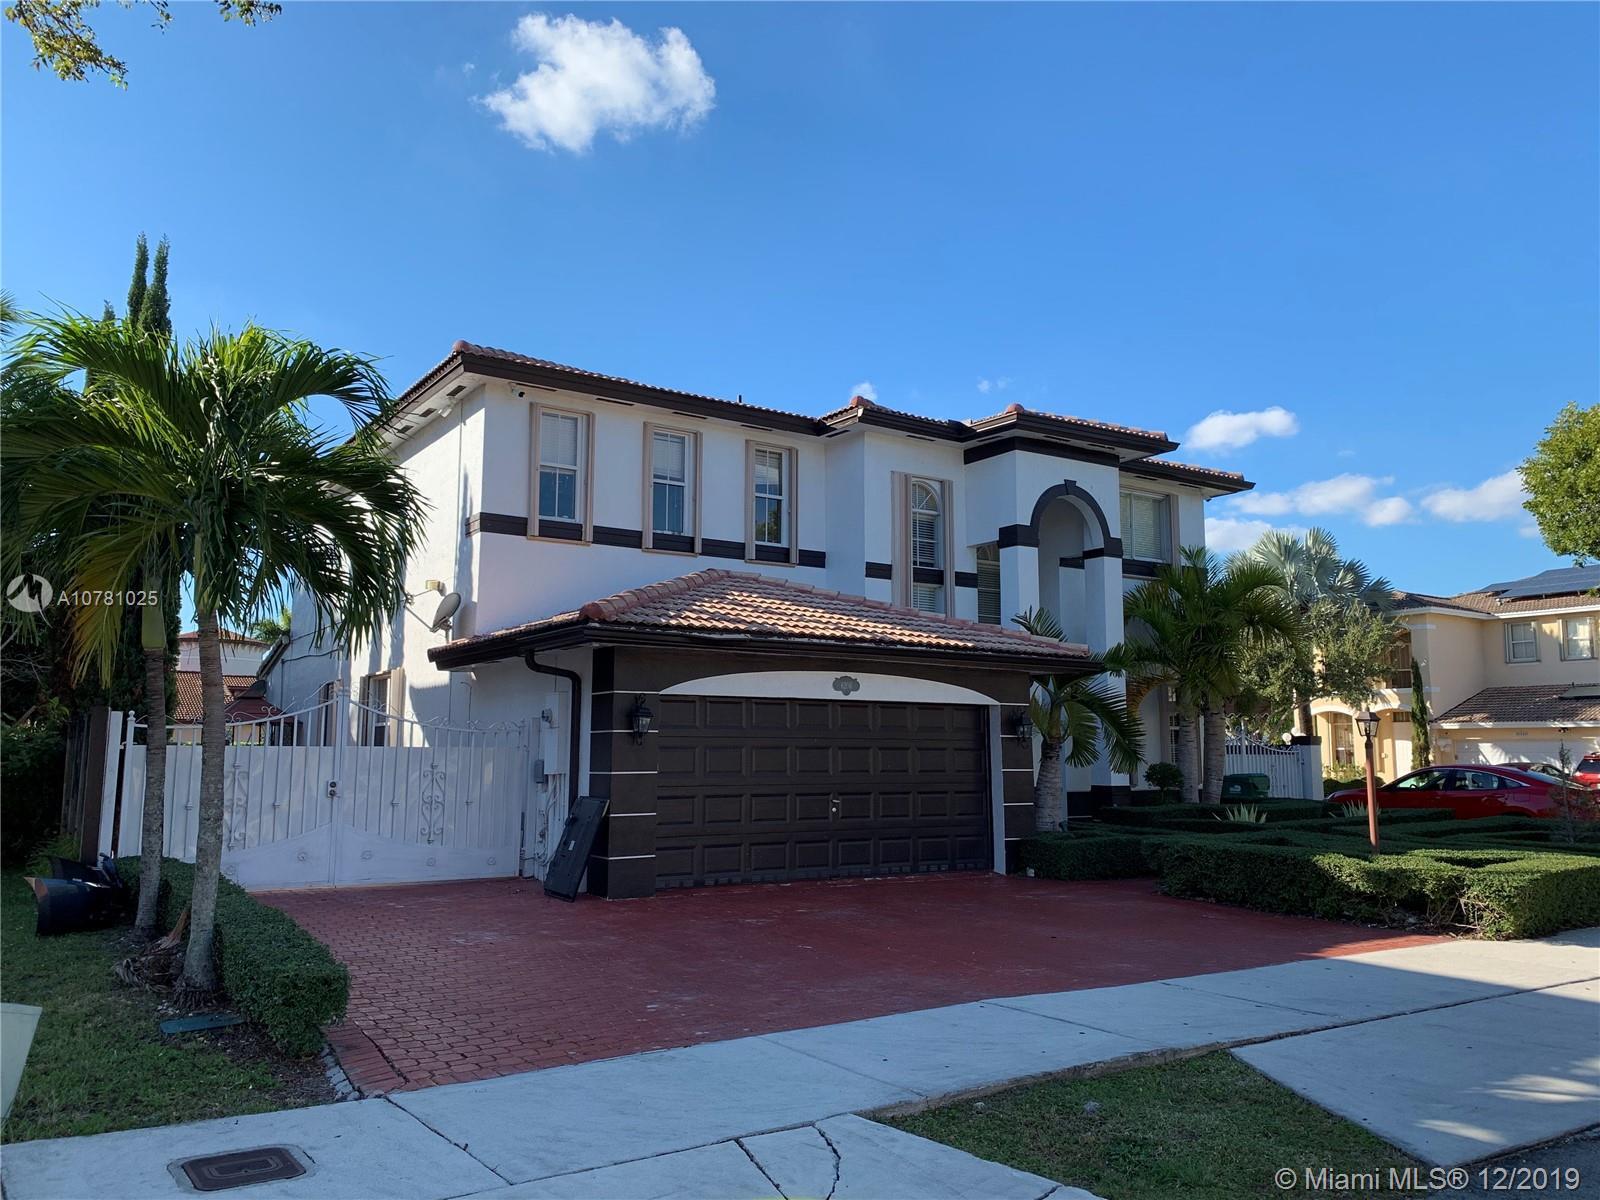 6206 SW 161st Pl, Miami, FL 33193